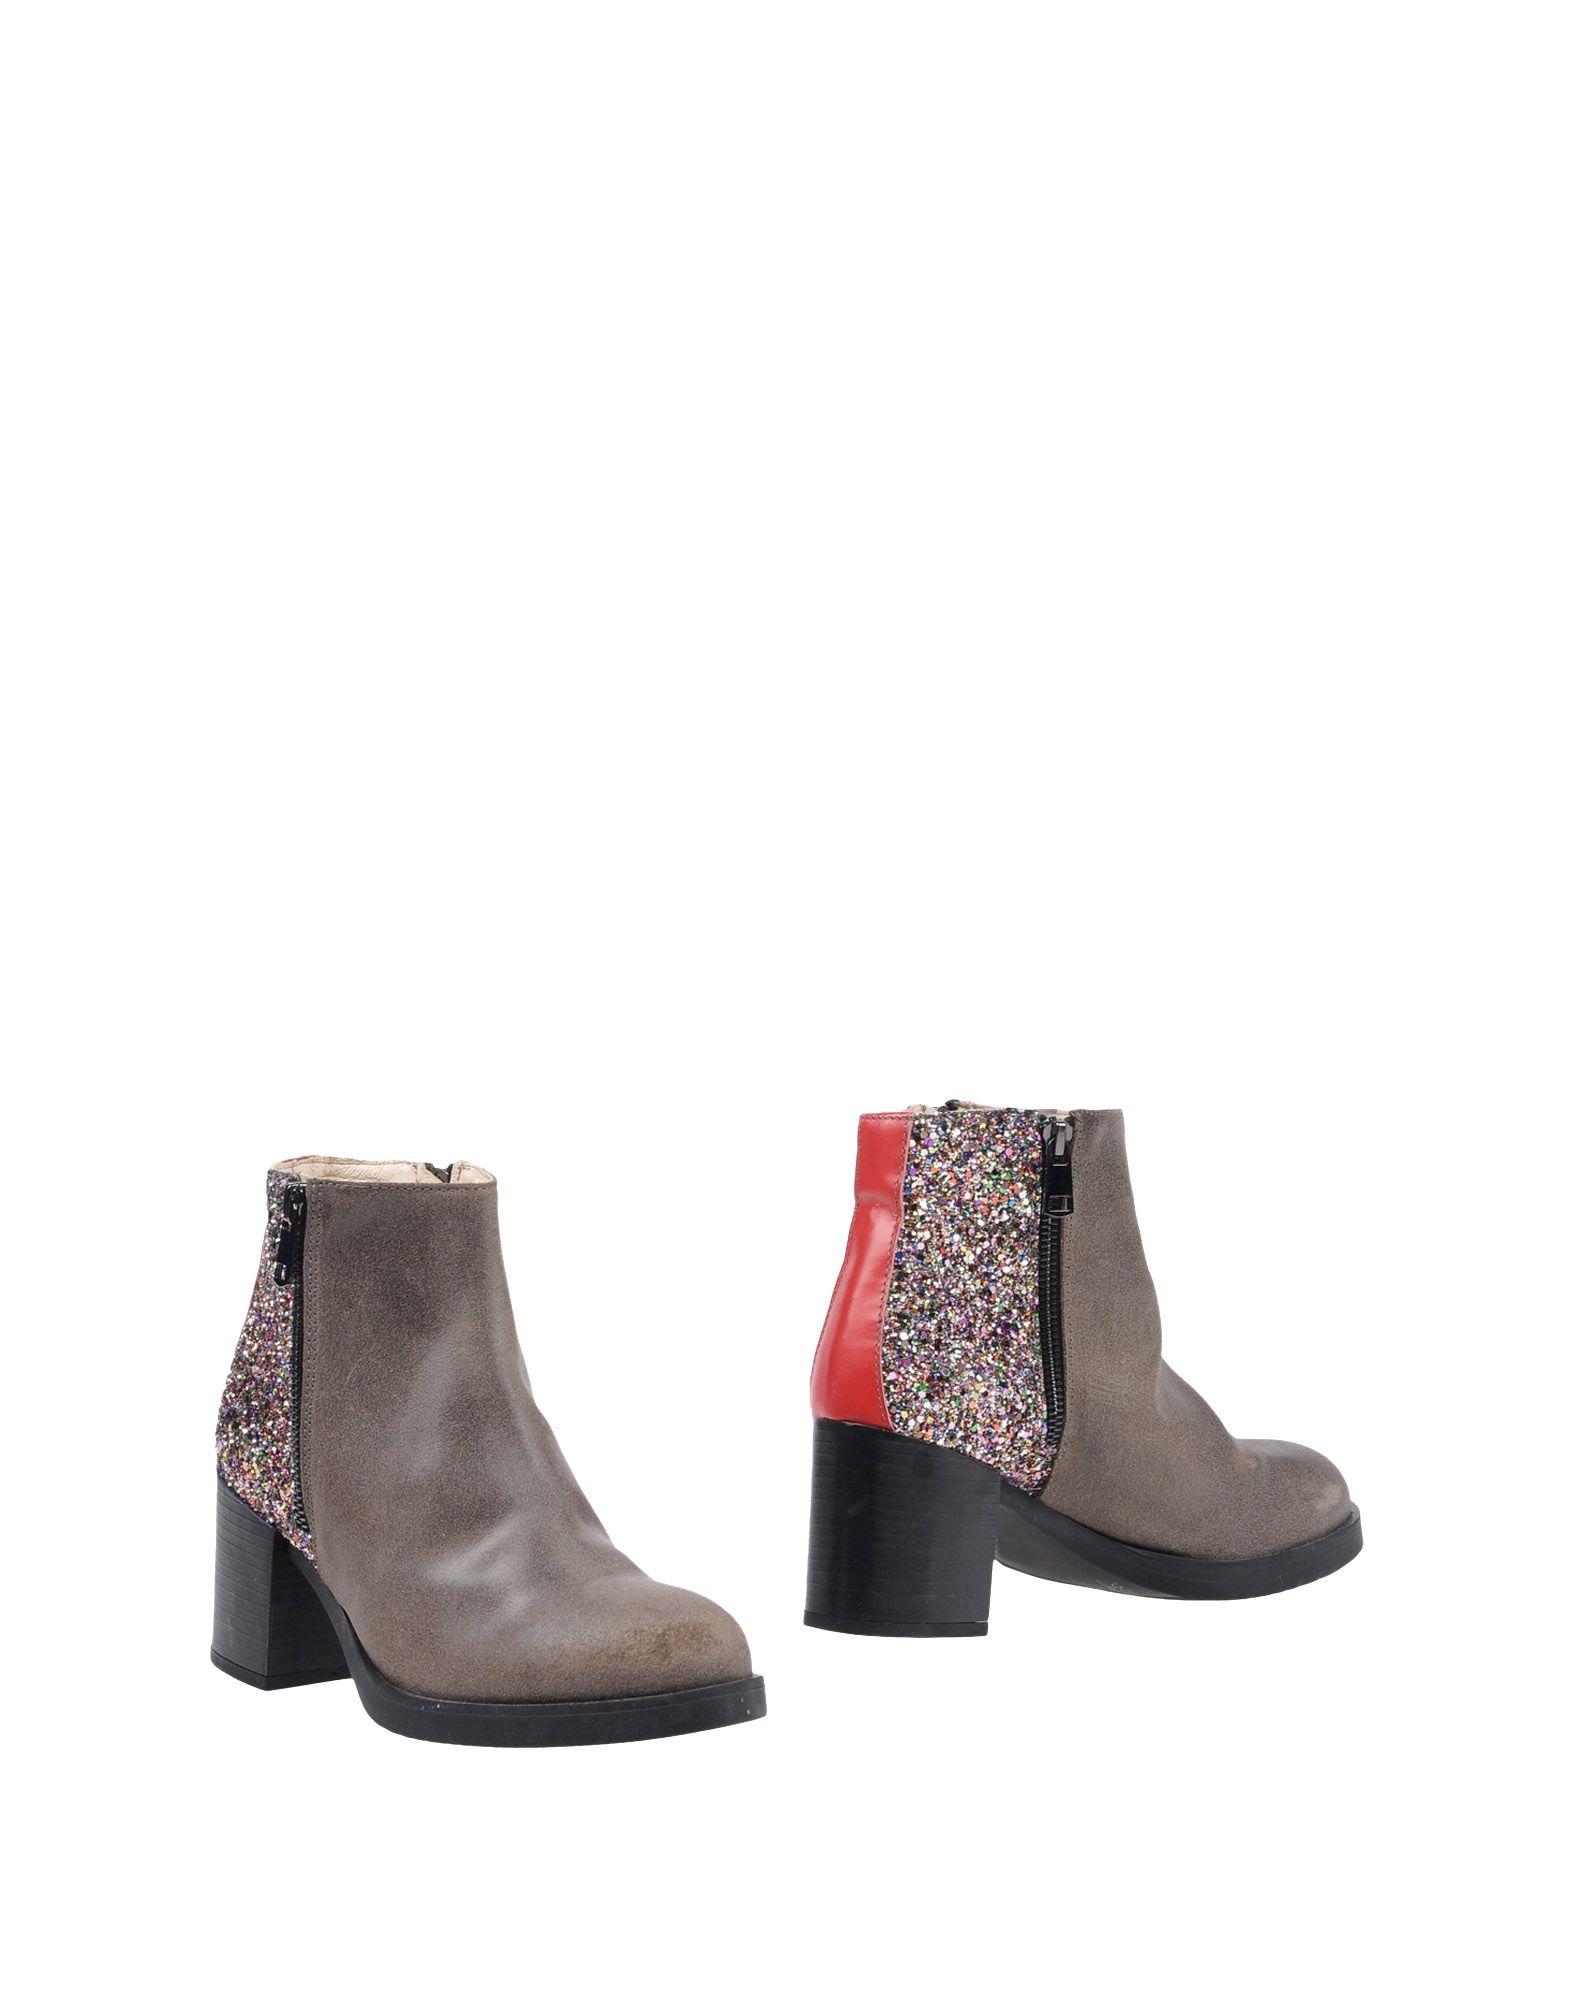 Chelsea Boots Ebarrito Donna Donna Ebarrito - 11458116IV 8e9c25